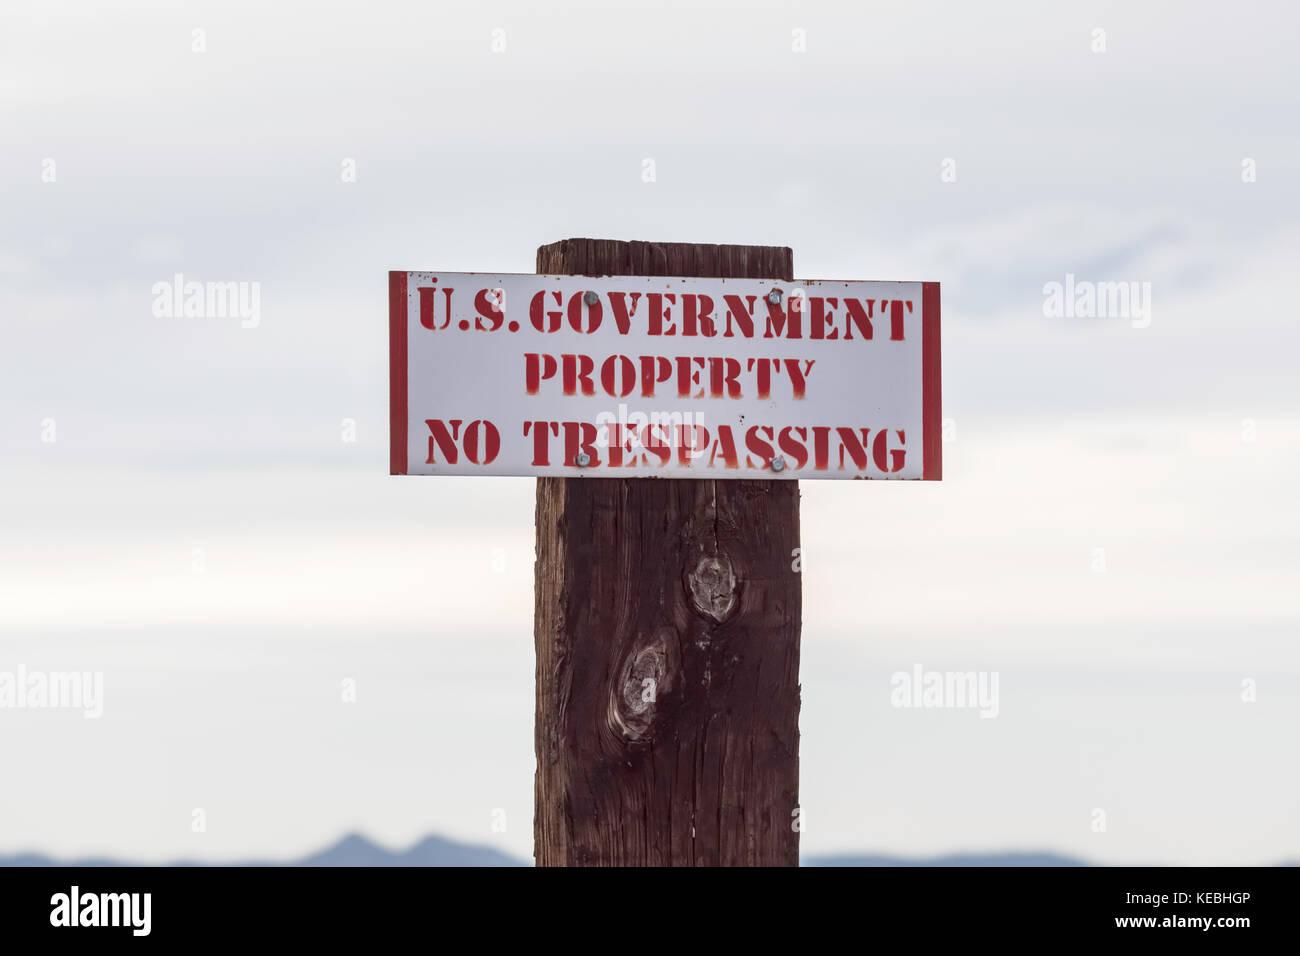 Gobierno de EE.UU. ningún signo de allanamiento Imagen De Stock